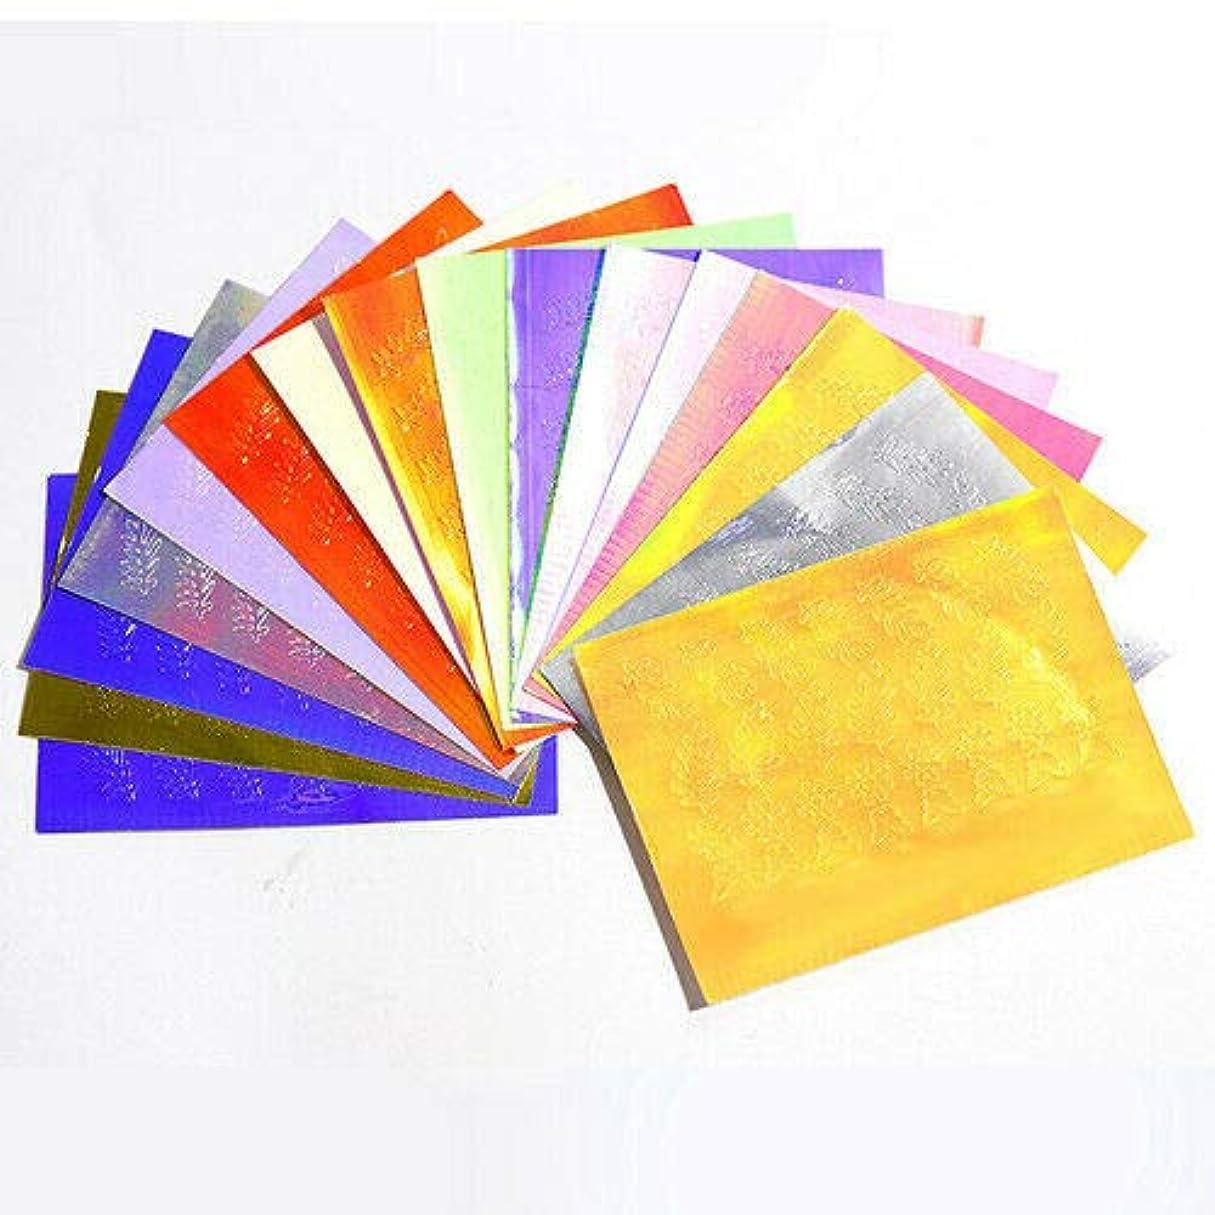 レザー鍔増加する16ピースセットホログラフィックストリップテープネイルアートステッカーネイルアートデカールネイルアート箔ネイルアートデコレーションレーザーゴールドシルバー葉オーロラ炎